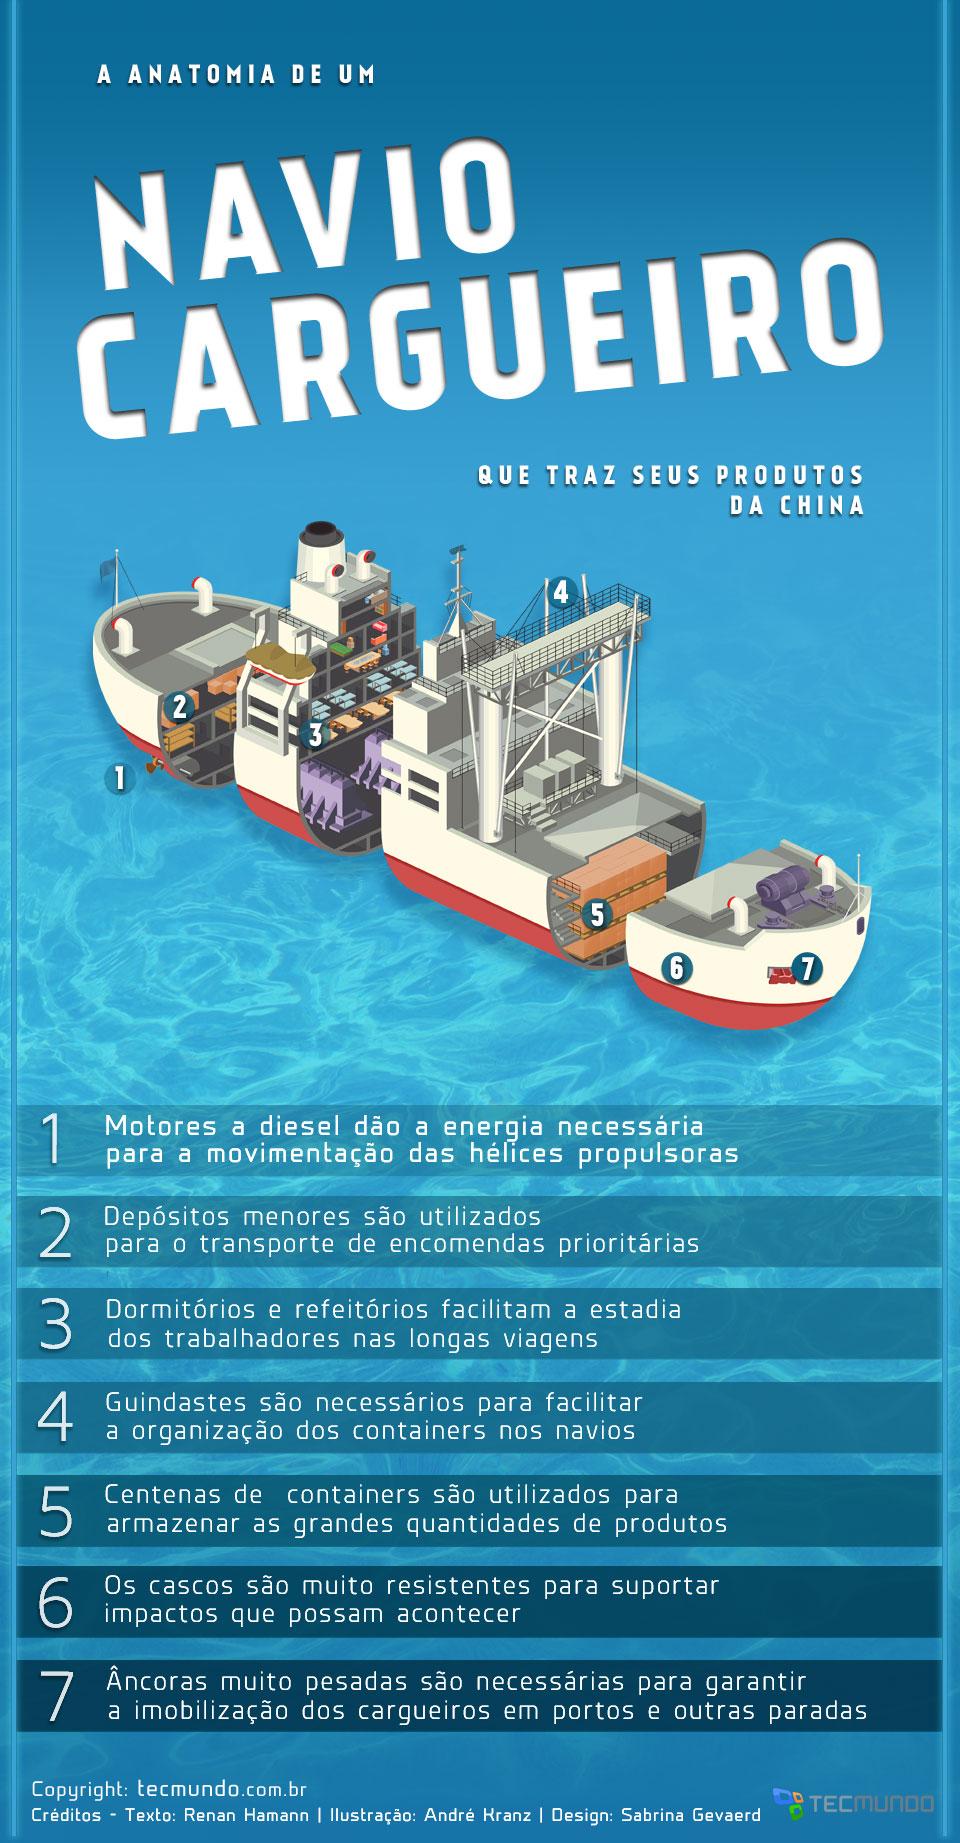 A anatomia de um navio cargueiro que traz produtos da China [ilustração]